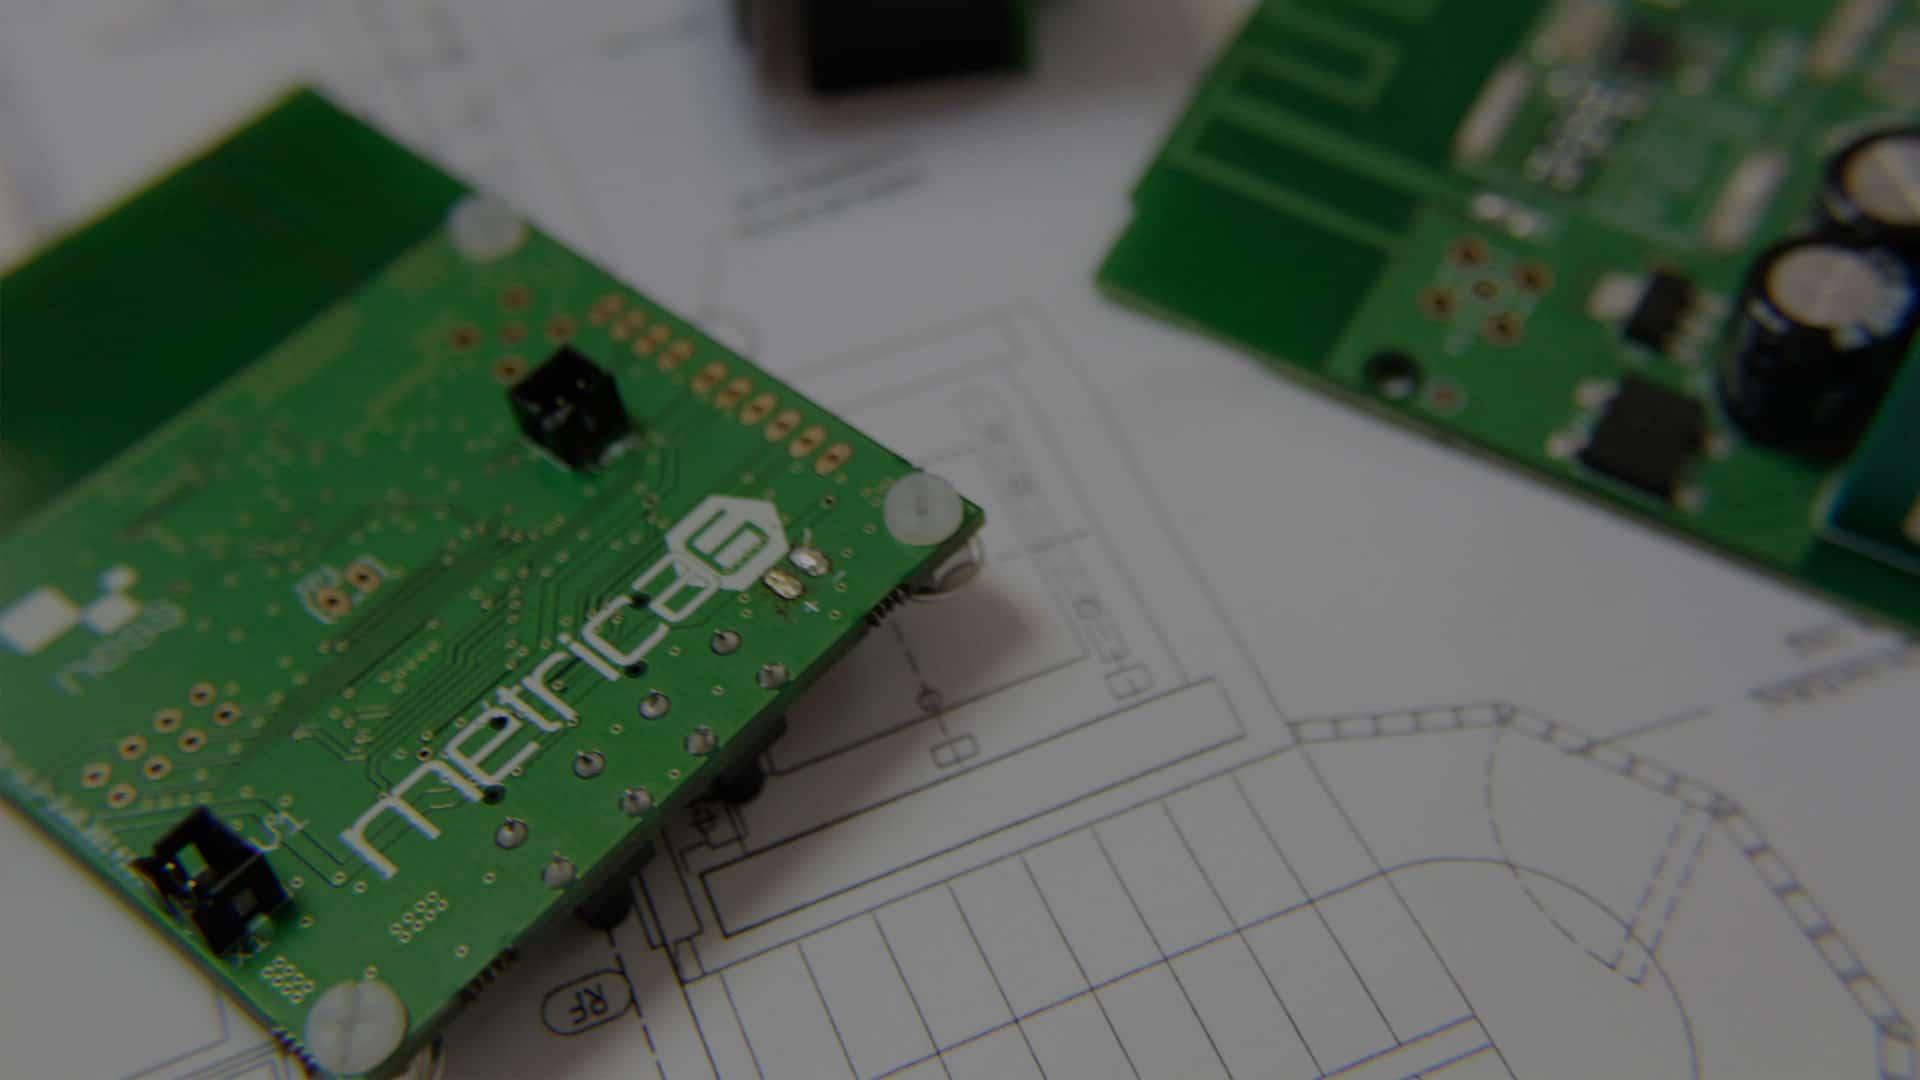 SLIDER Métrica6 innovación estratégica Diseño de producto, desarrollo, I+D+i, innovación, ingeniería, consultoría, subvenciones